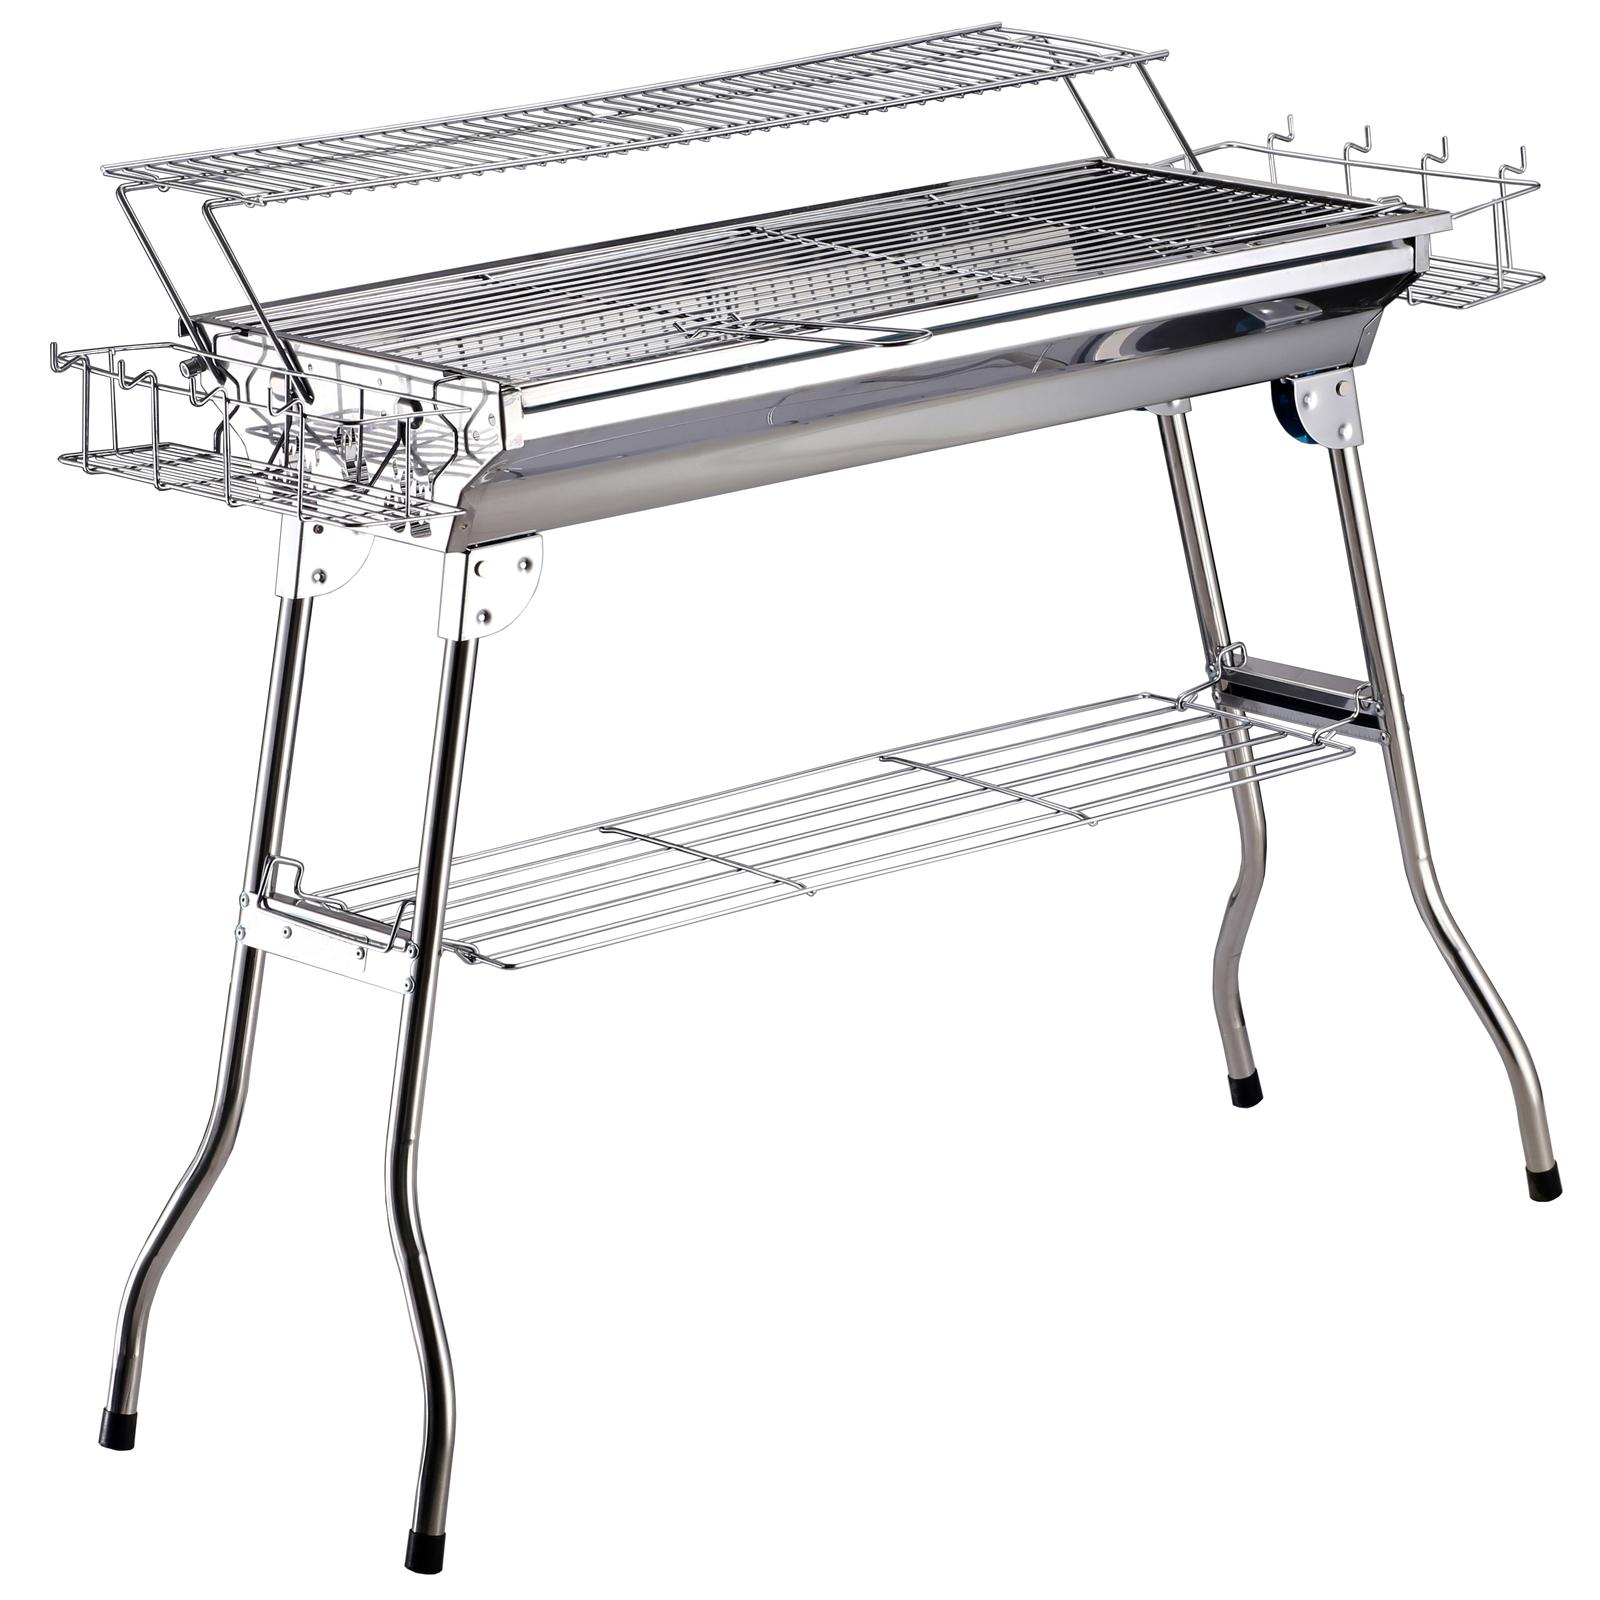 Outsunny Barbecue Acciaio Inox Gambe Pieghevoli 2 Griglie 100 x 43 x 68 cm